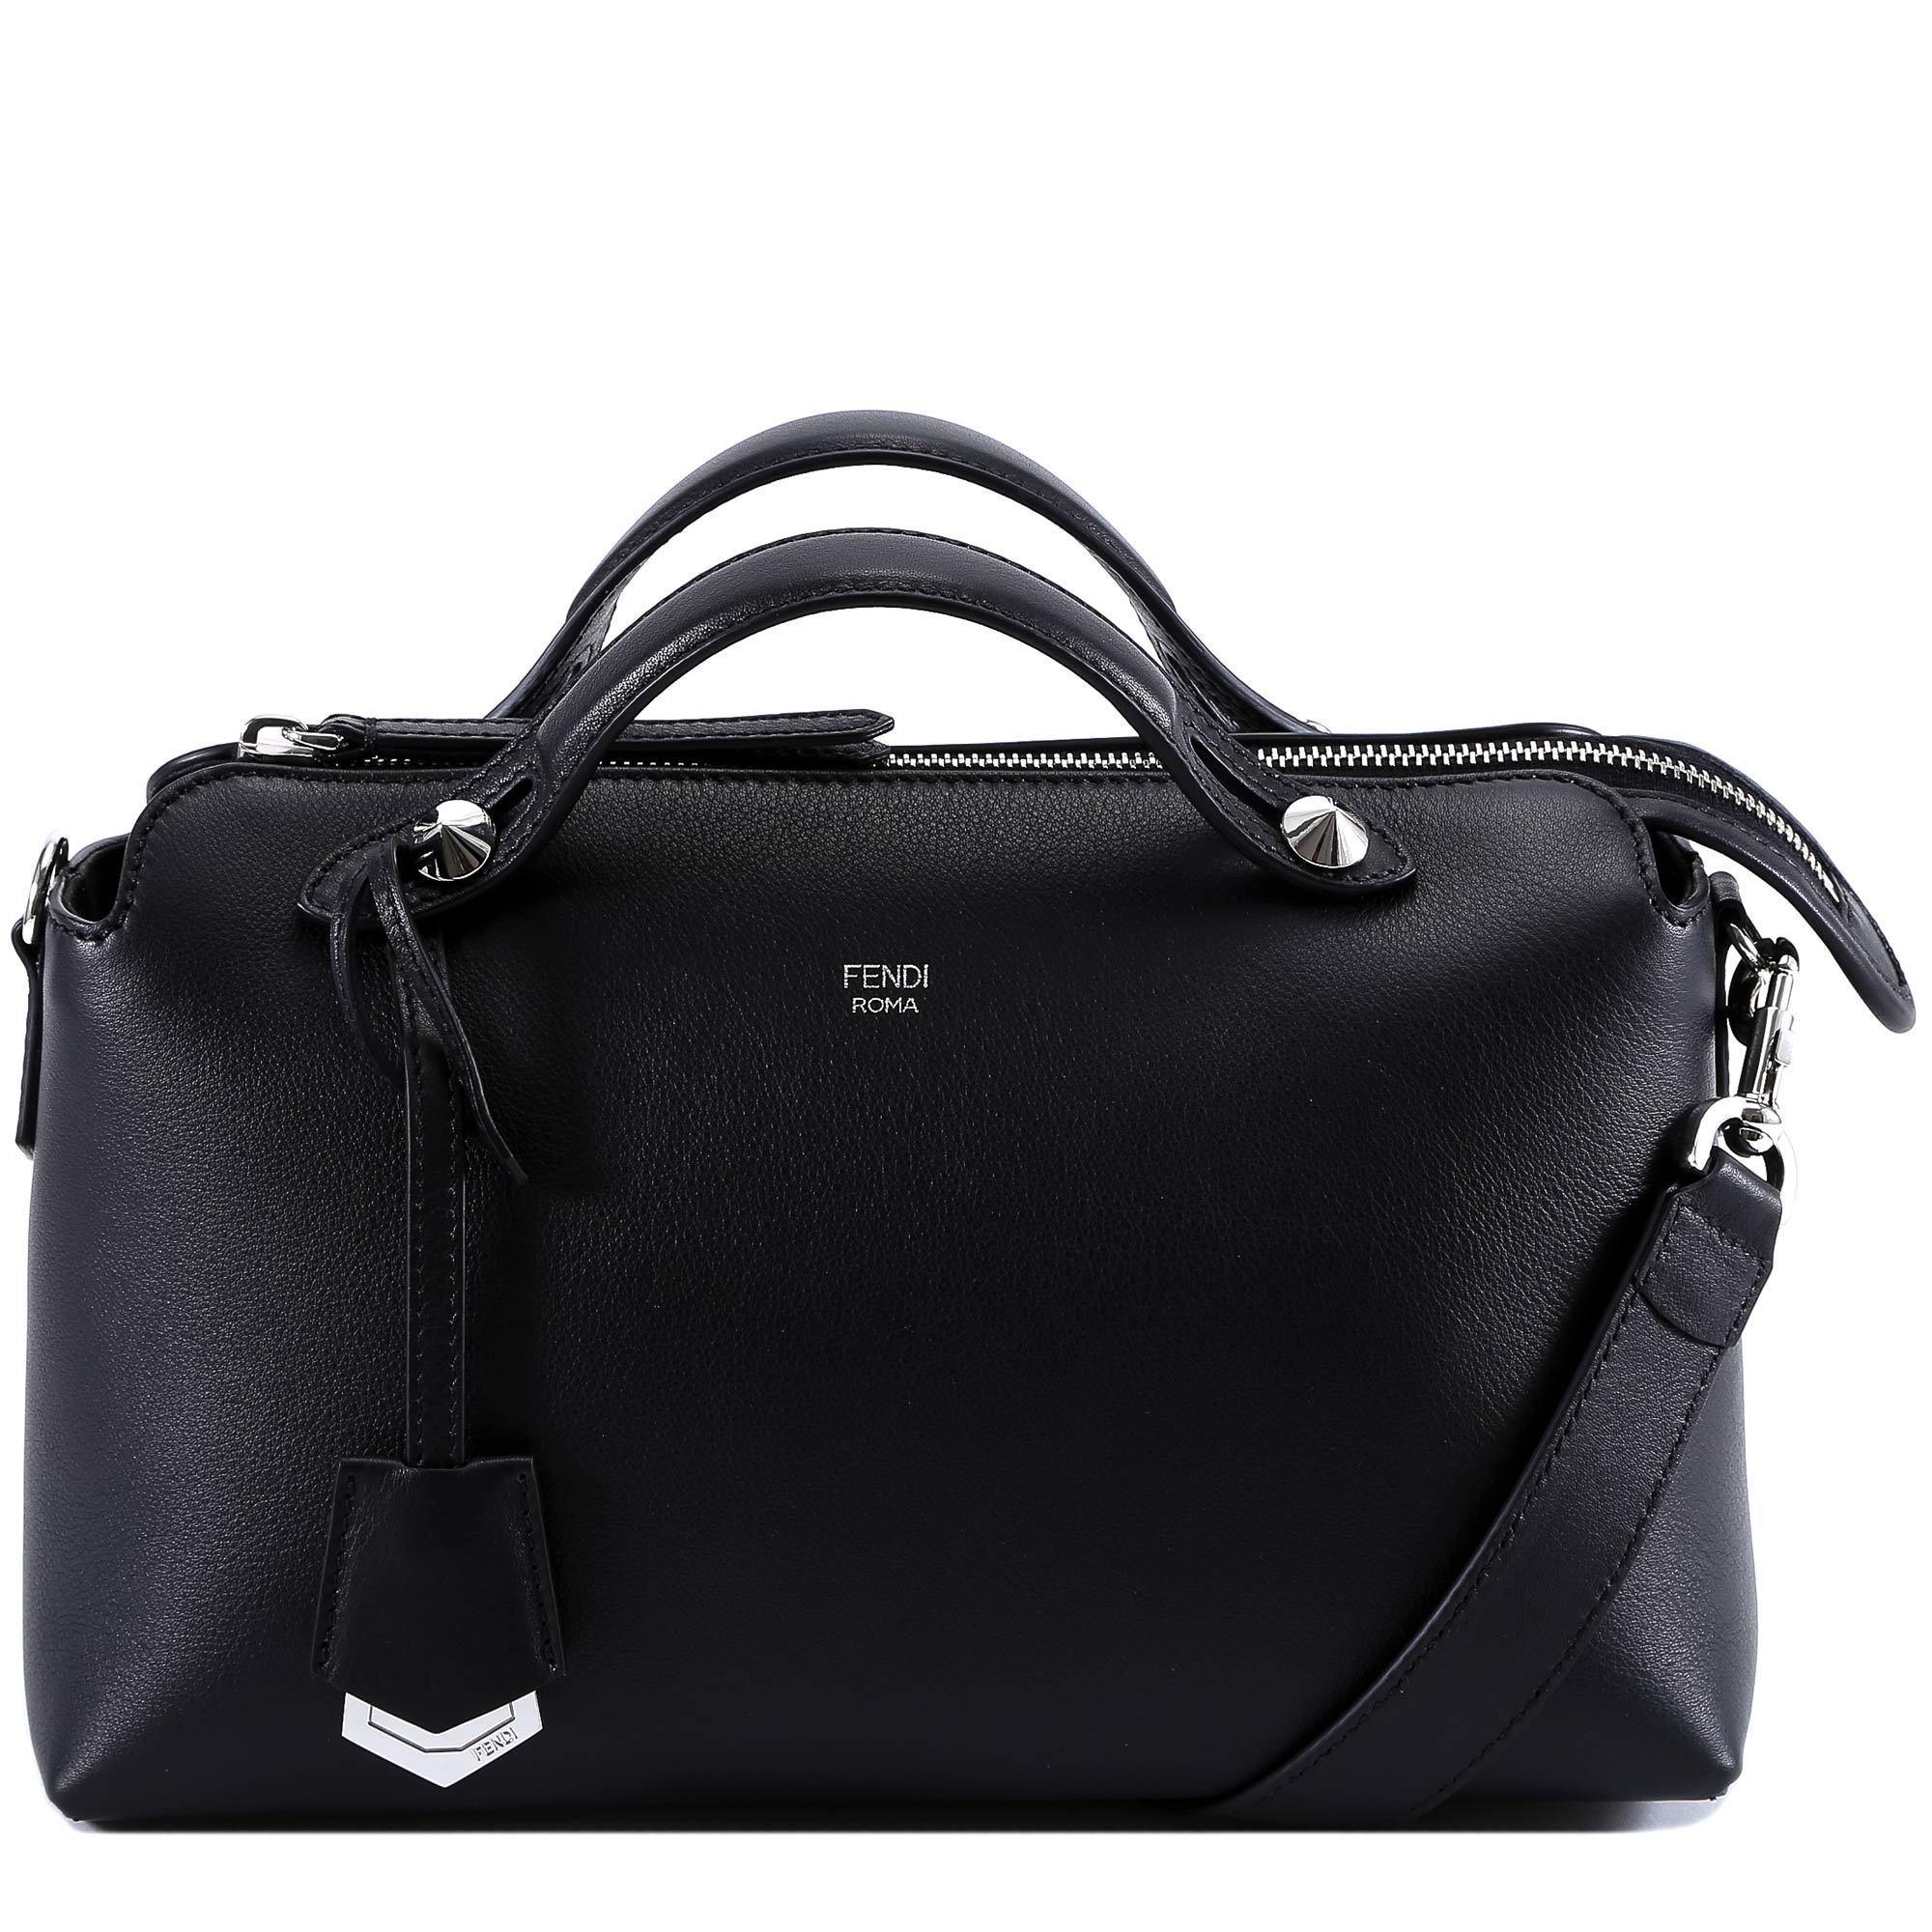 Fendi By The Way Boston Bag in Black - Lyst f0fe3a2467a86